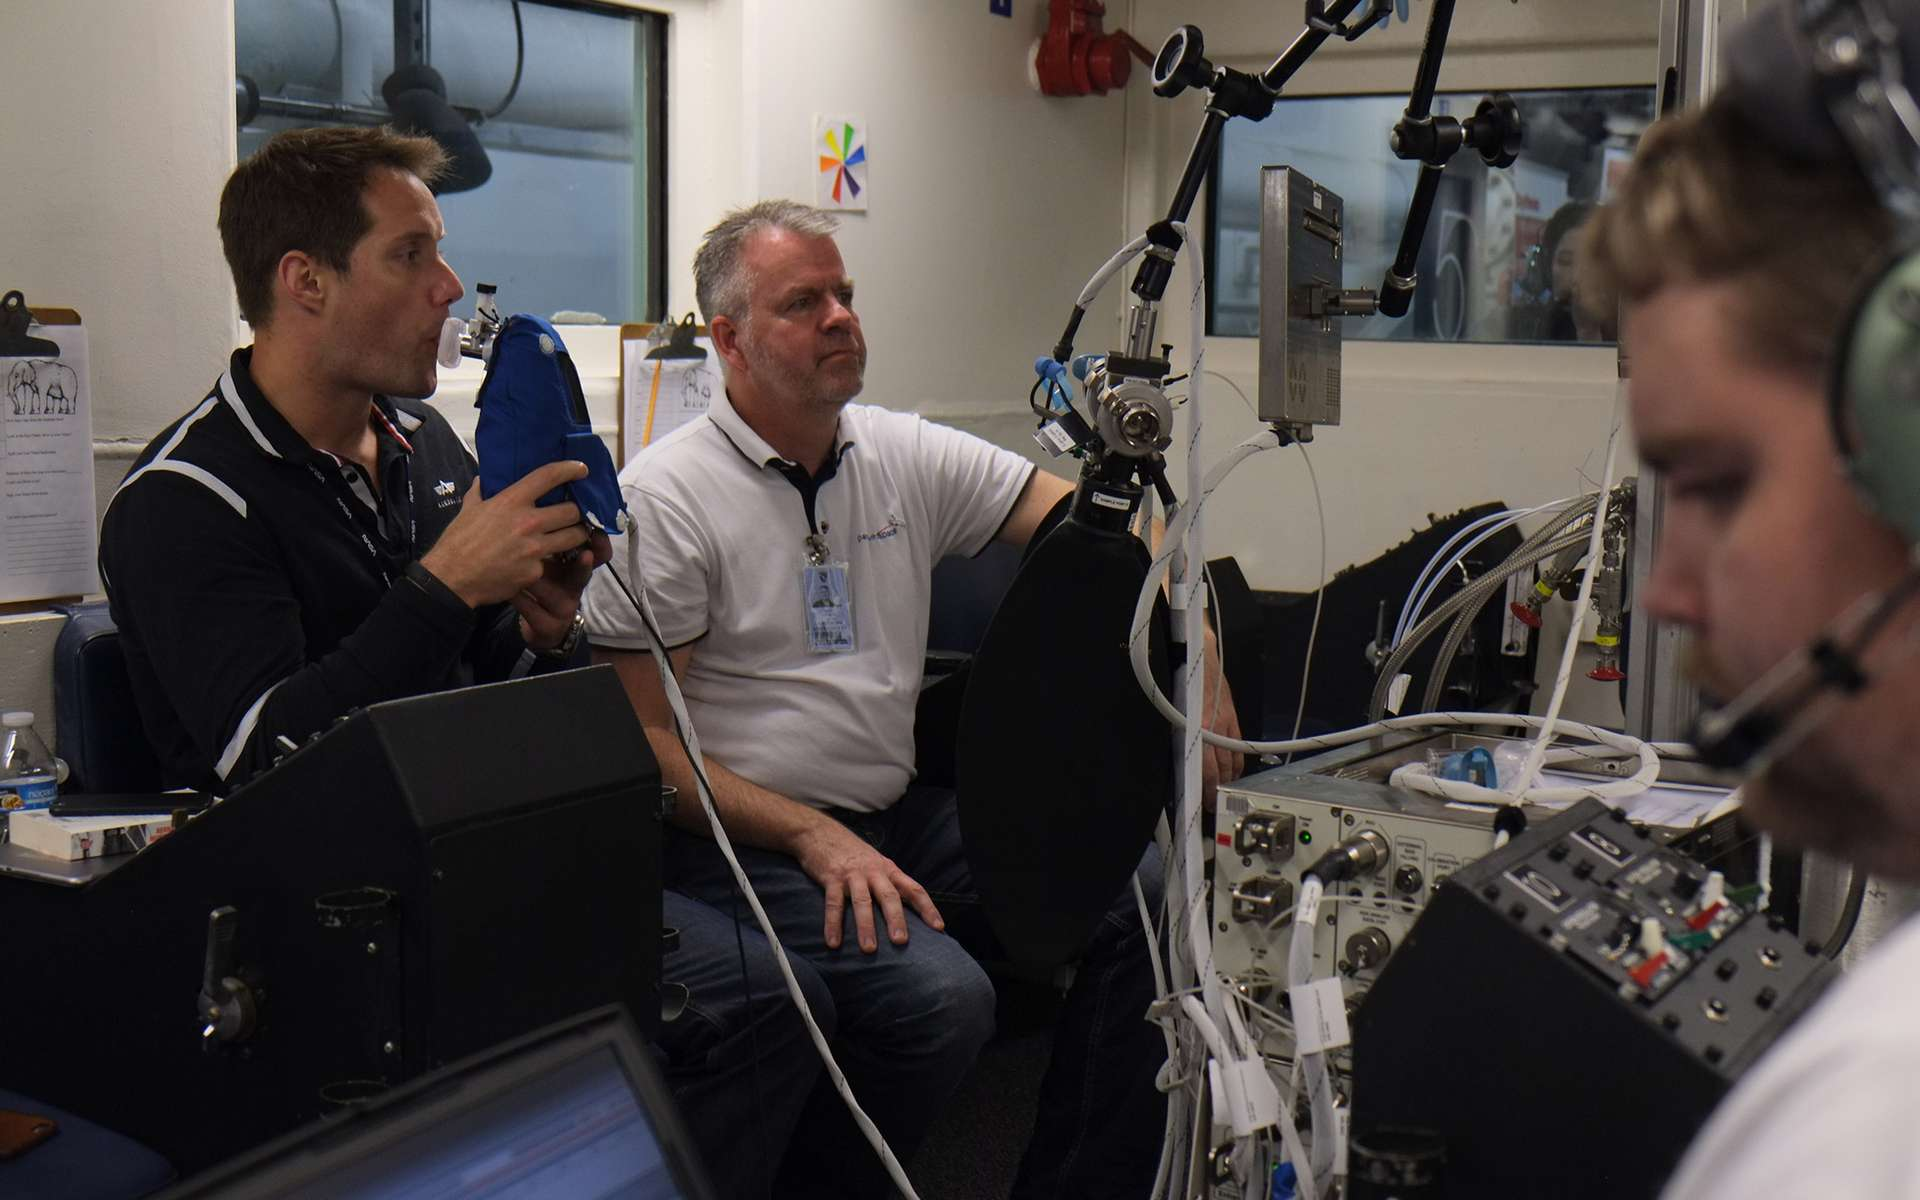 L'astronaute Thomas Pesquet, le dixième Français affecté à un vol dans l'espace. © Esa, droits réservés